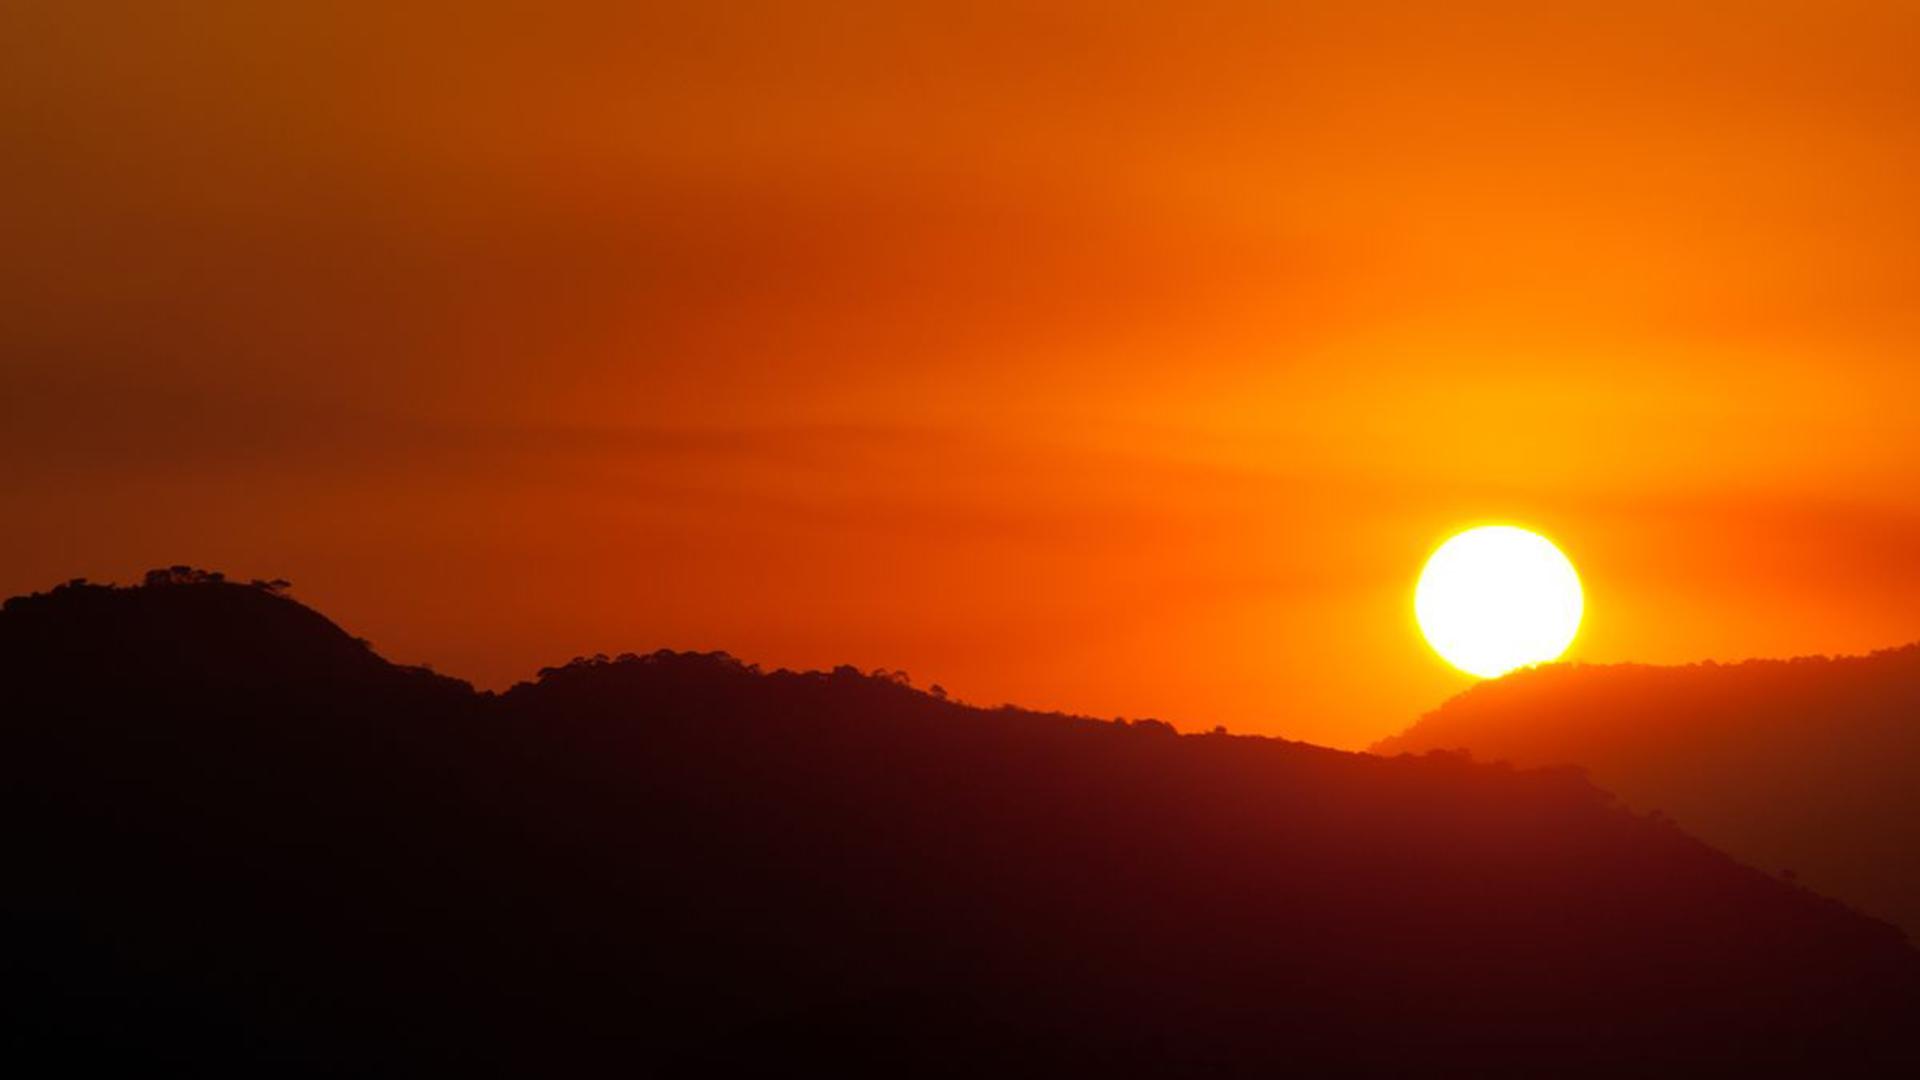 A nyári Napforduló Neked is elhozhatja a változást!